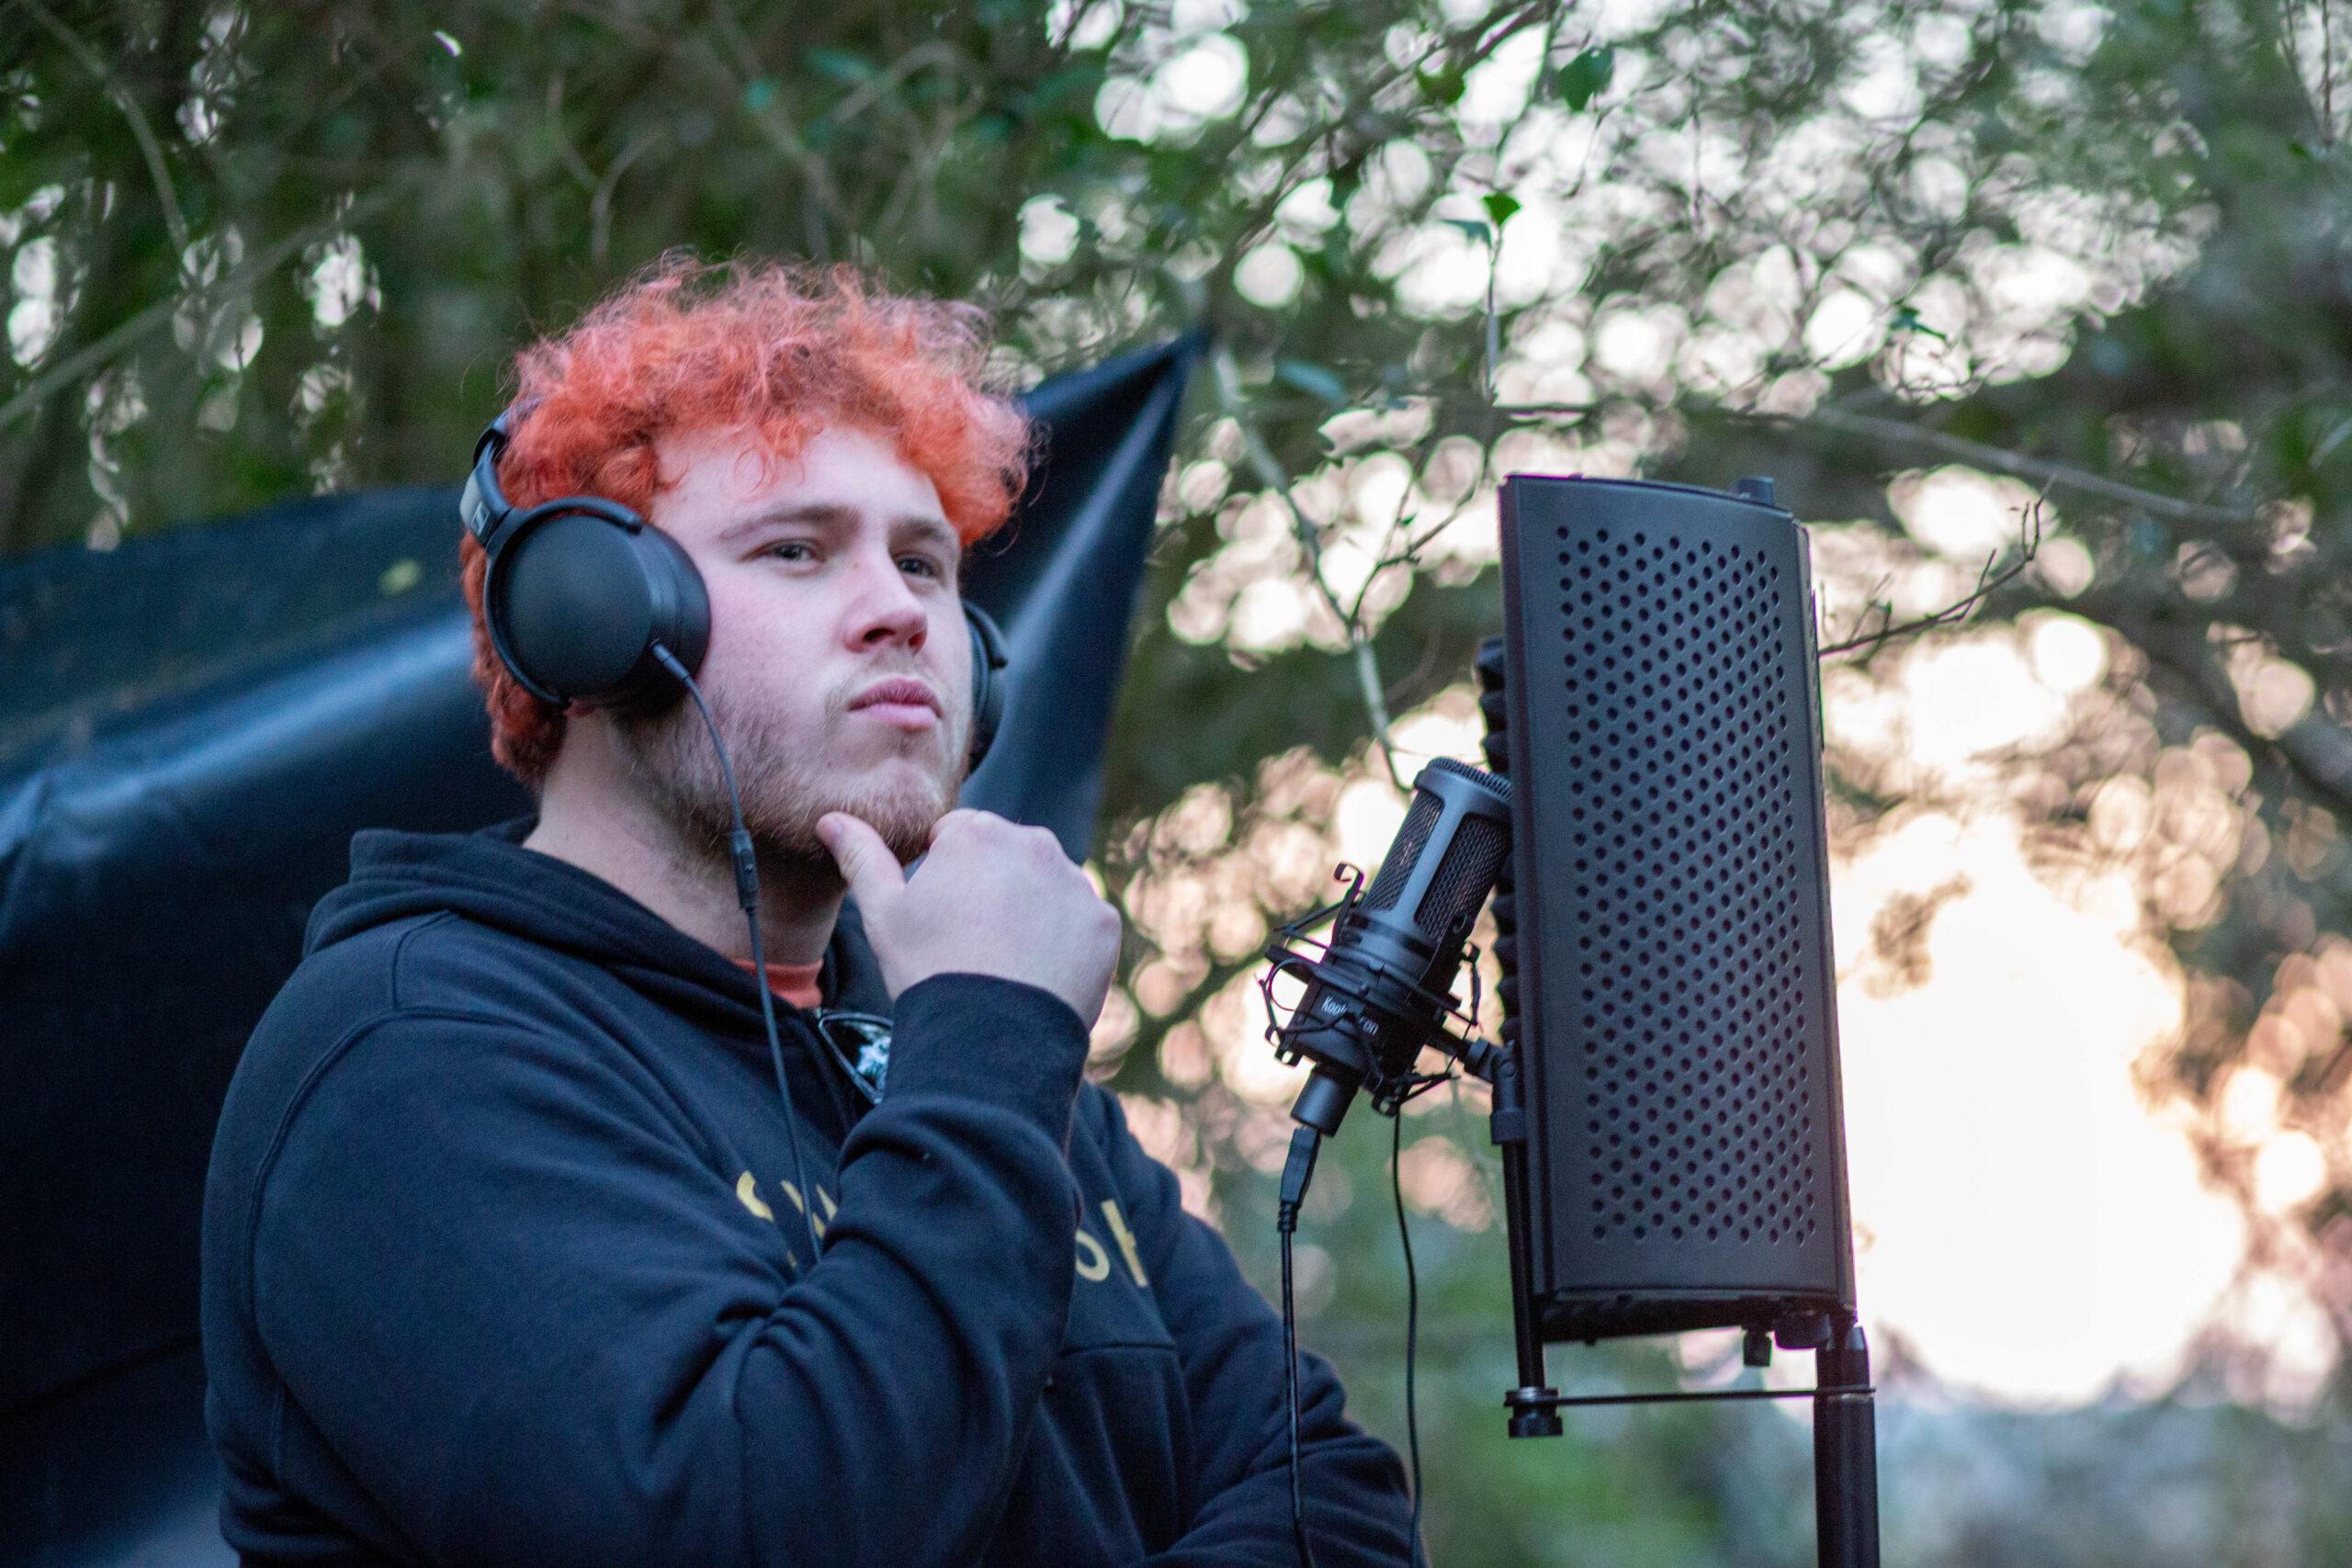 Man singing outside